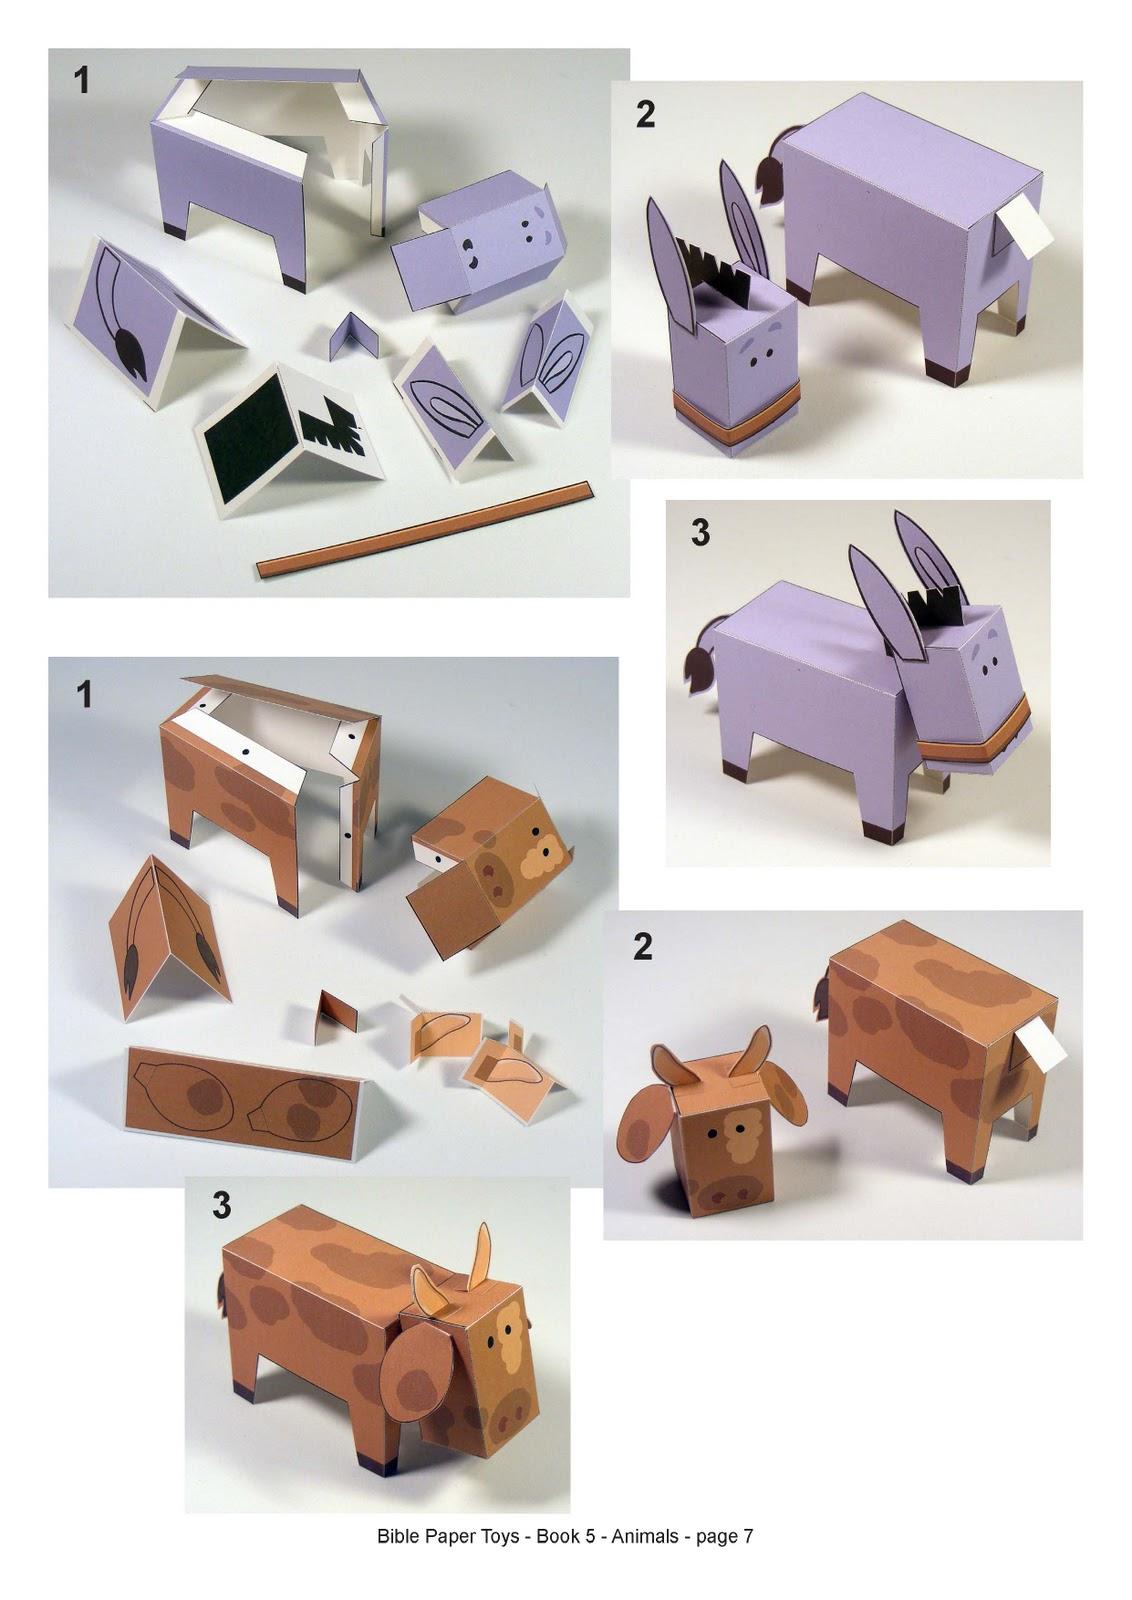 http://3.bp.blogspot.com/_4lRCSryX1JU/TPZkaosaQ7I/AAAAAAAAAa4/B5f5IKKeB-A/s1600/Bible+paper+toys+book+05+color_Page_09.jpg